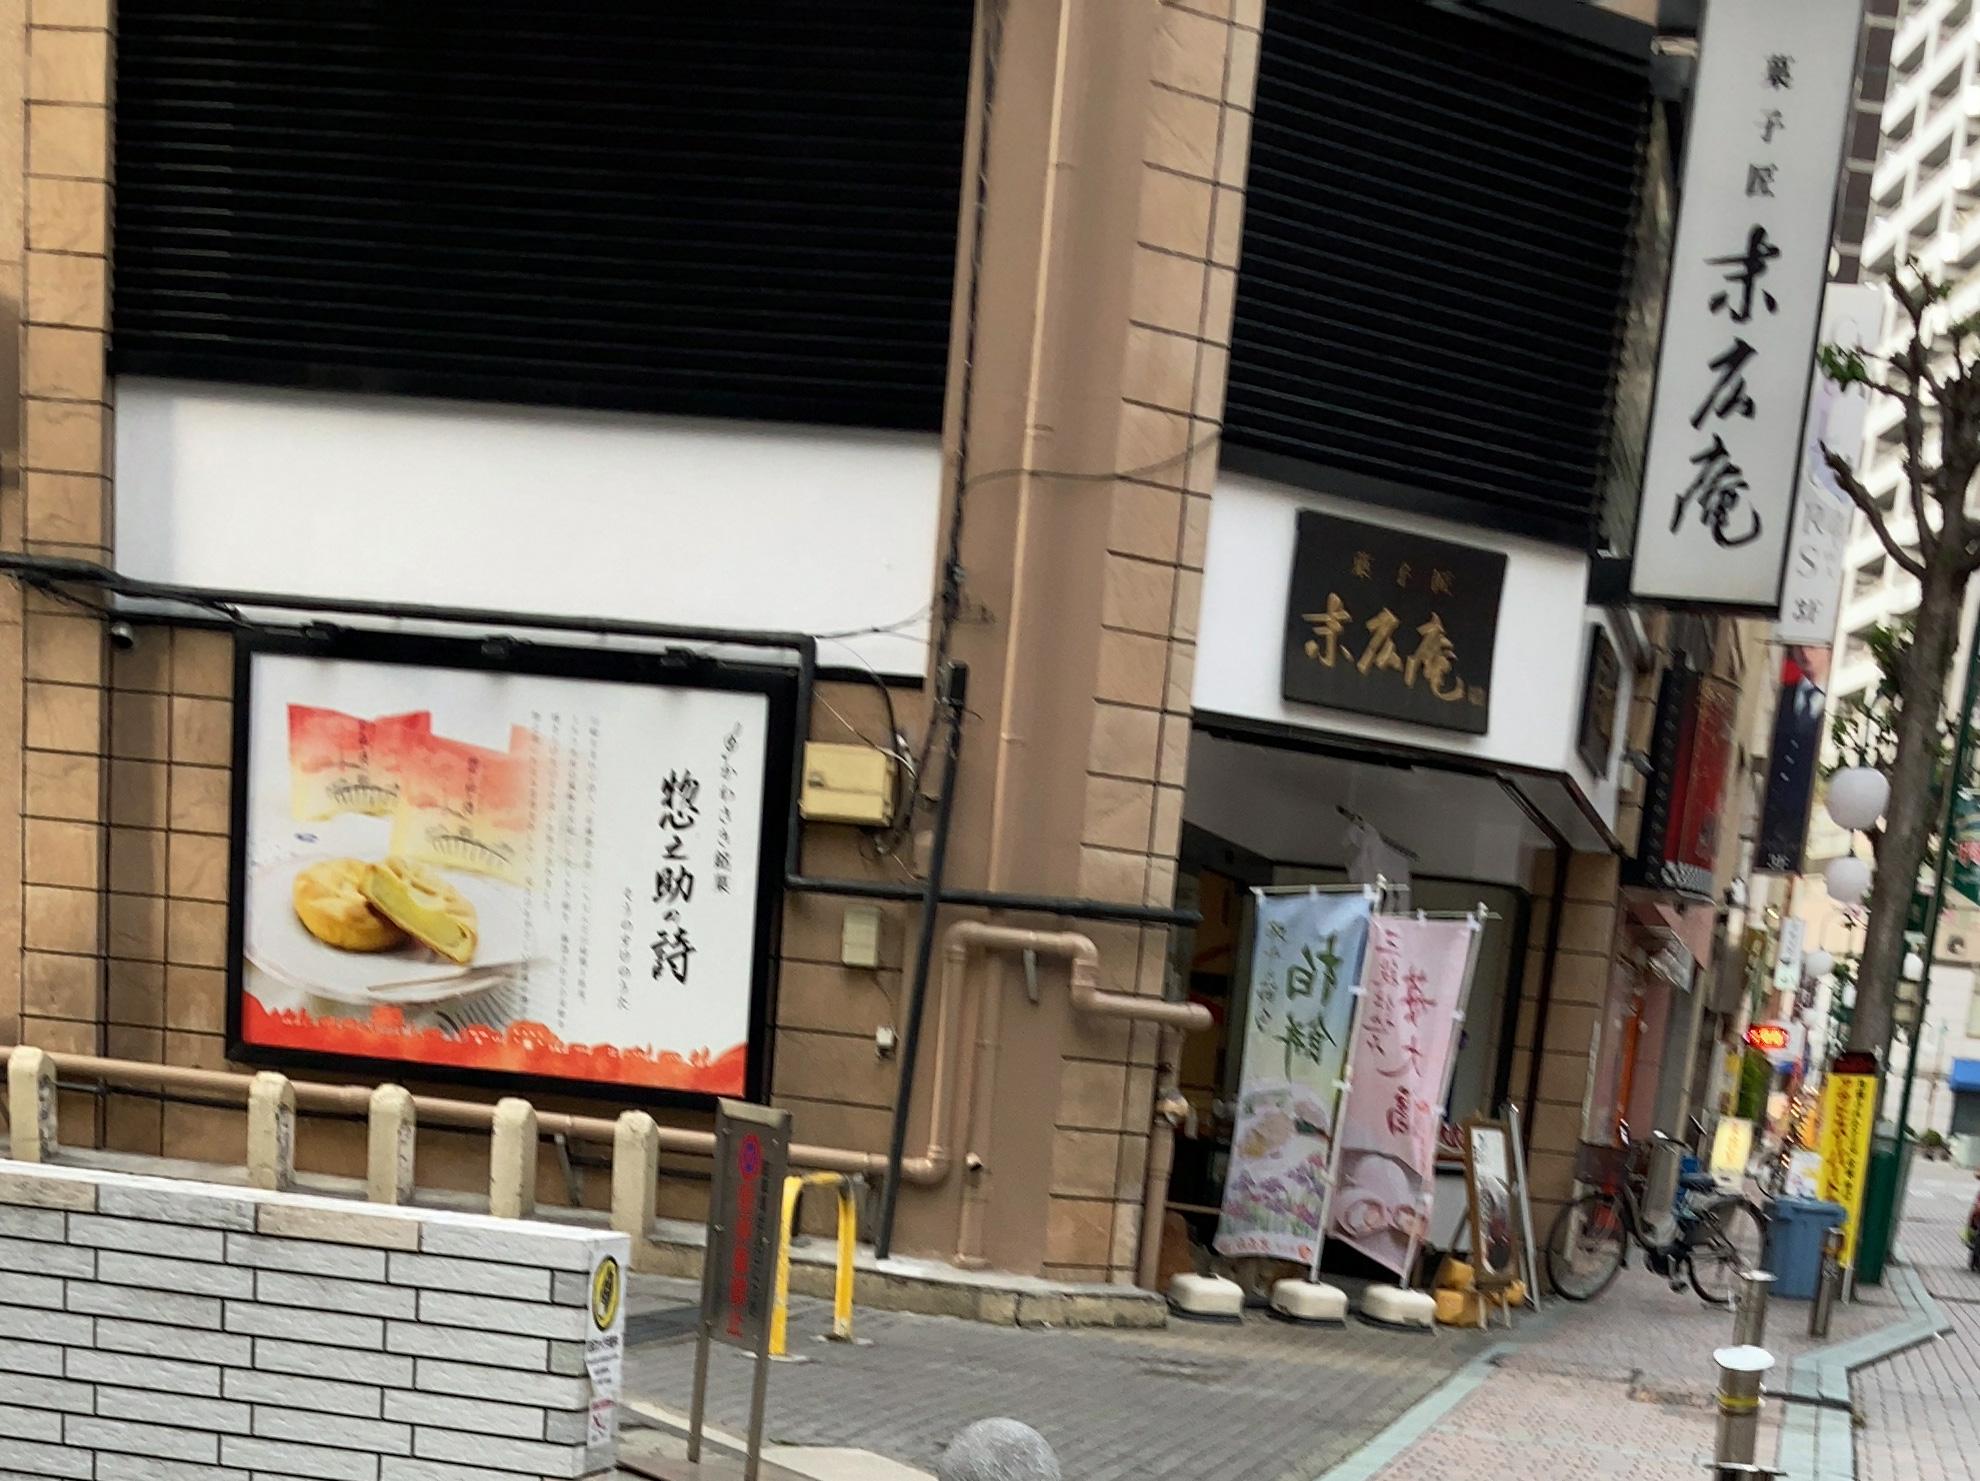 店の外観です。川崎で創業した歴史ある和菓子屋さんです